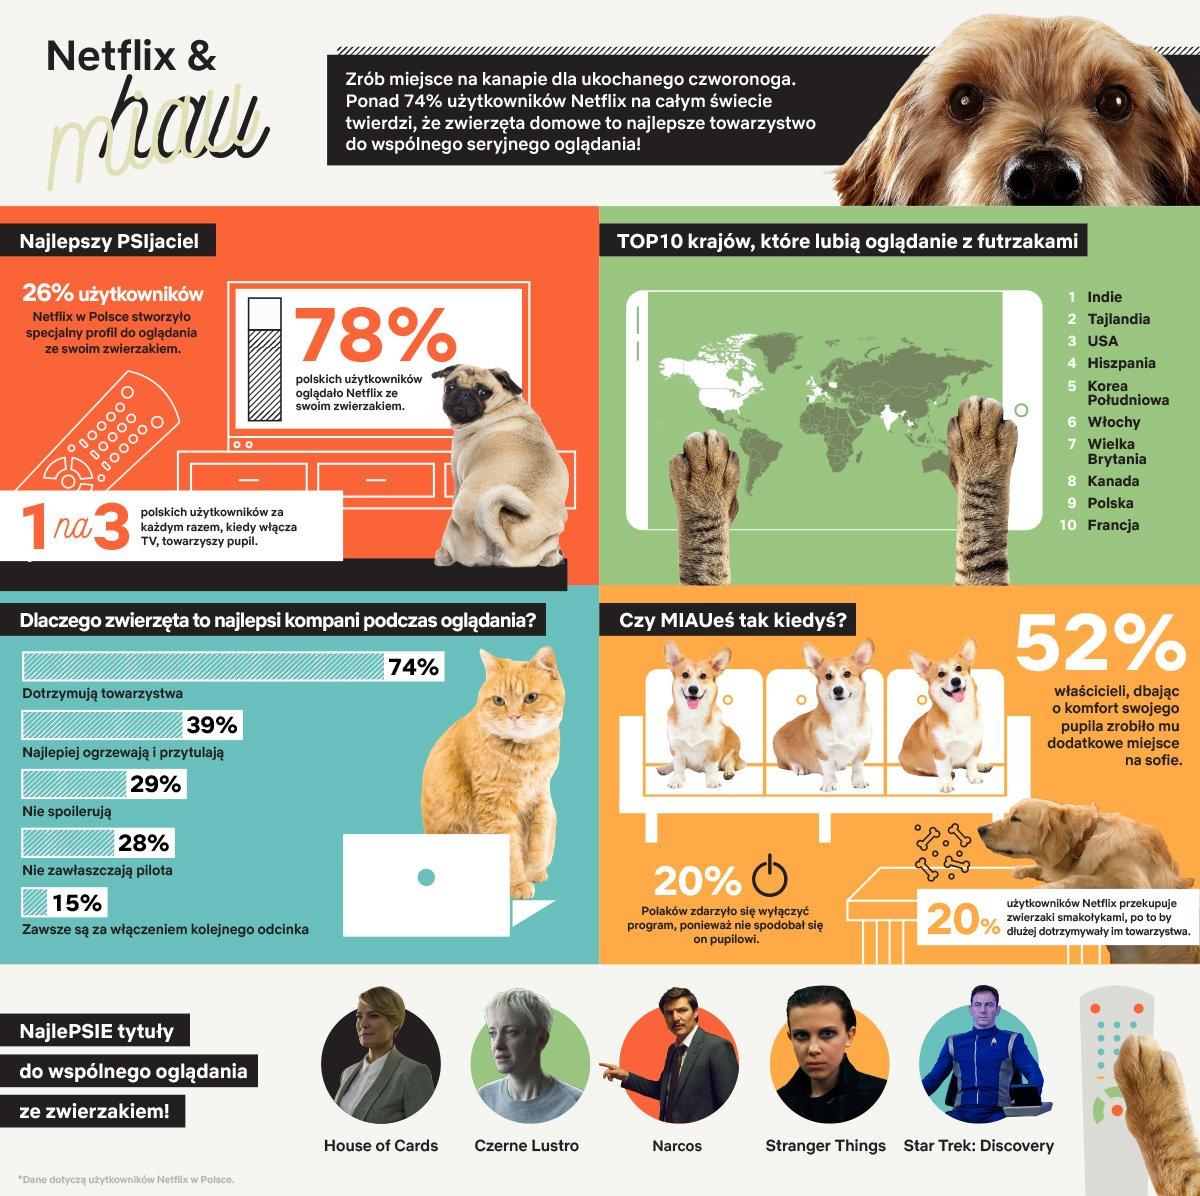 Netflix zwierzaki